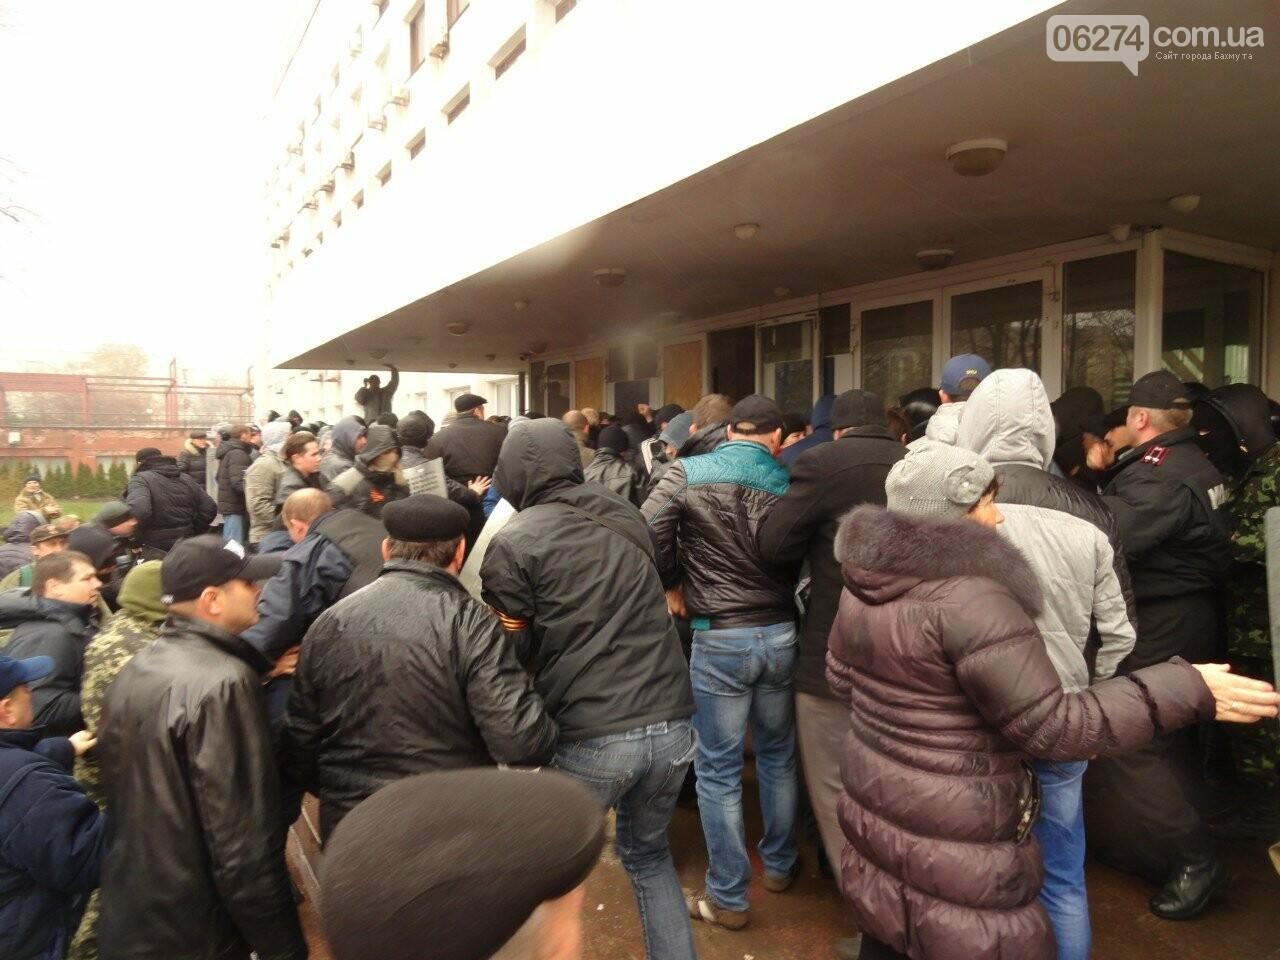 Годовщина захвата админзданий на востоке Украины: кто это делал и почему (ФОТО), фото-2